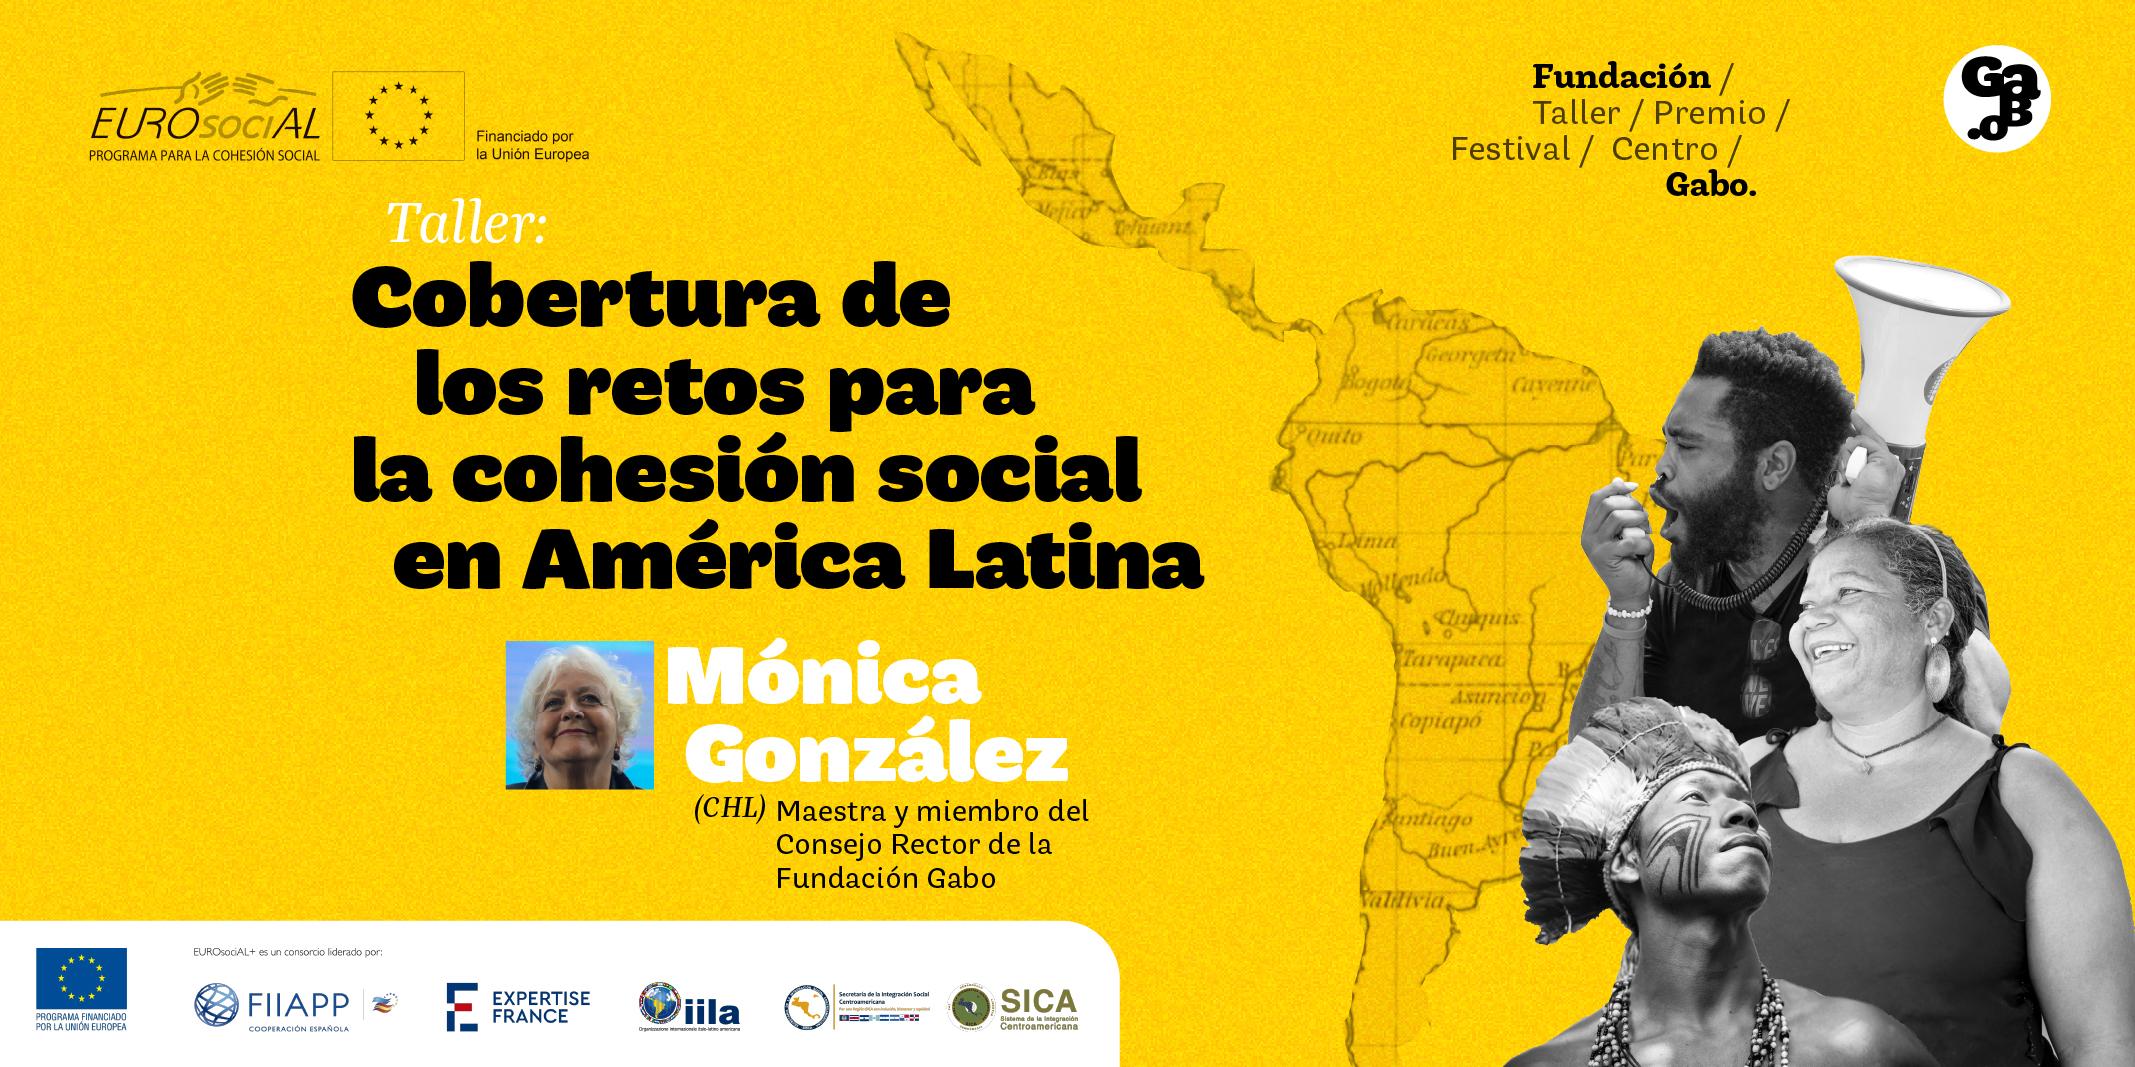 Cobertura de los retos para la cohesión social en América Latina